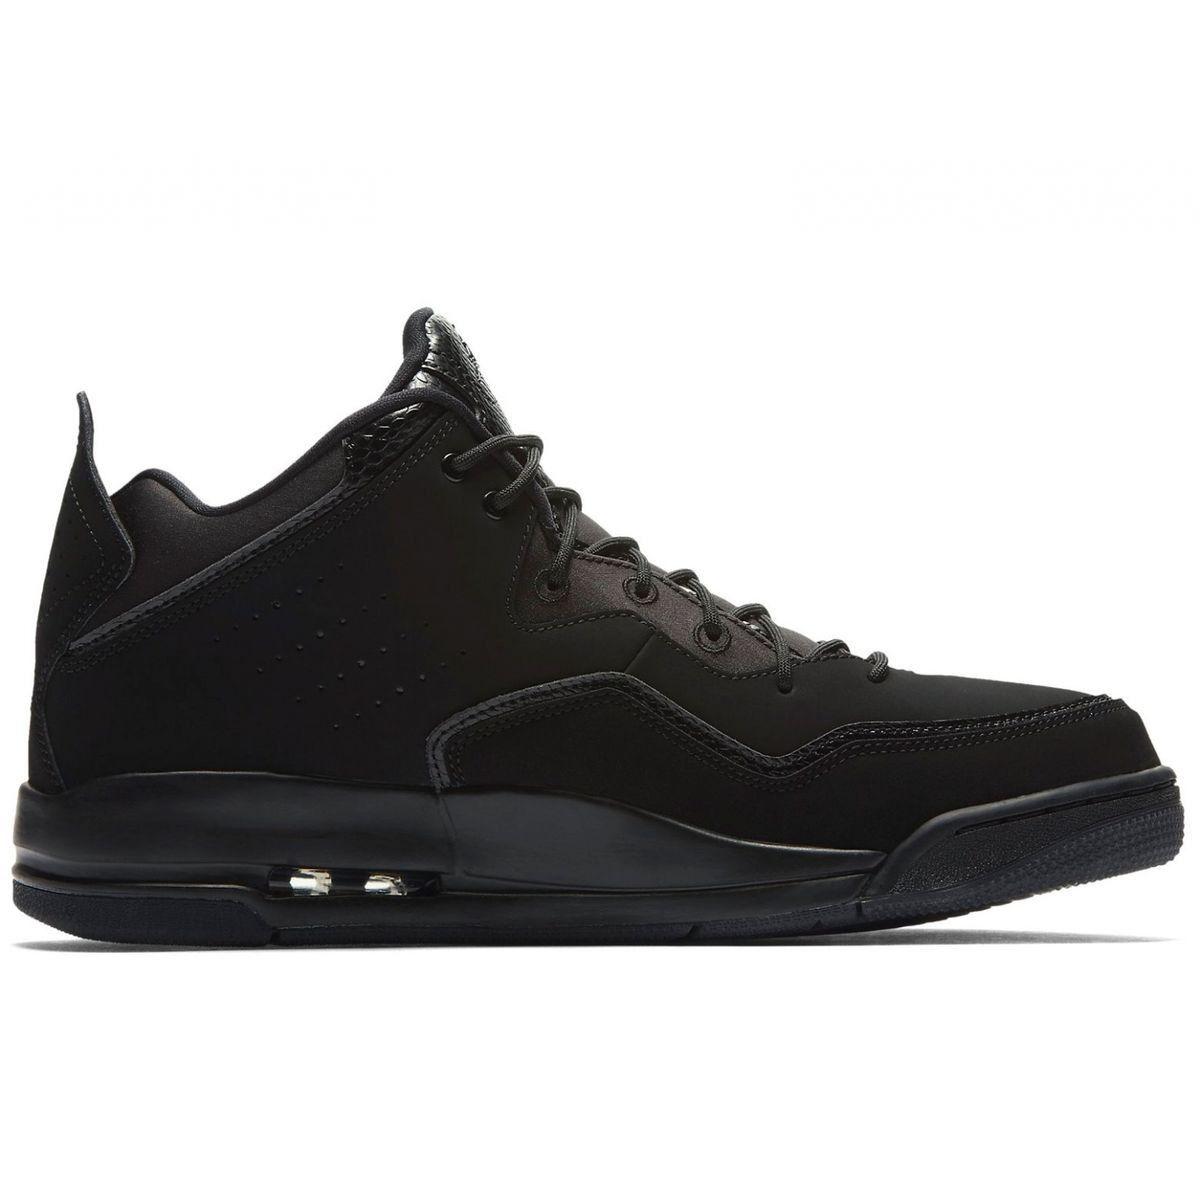 le dernier 1bc77 00857 Baskets Jordan Courtside 23 - Ar1000 - Taille : 40;42 1/2;44 ...